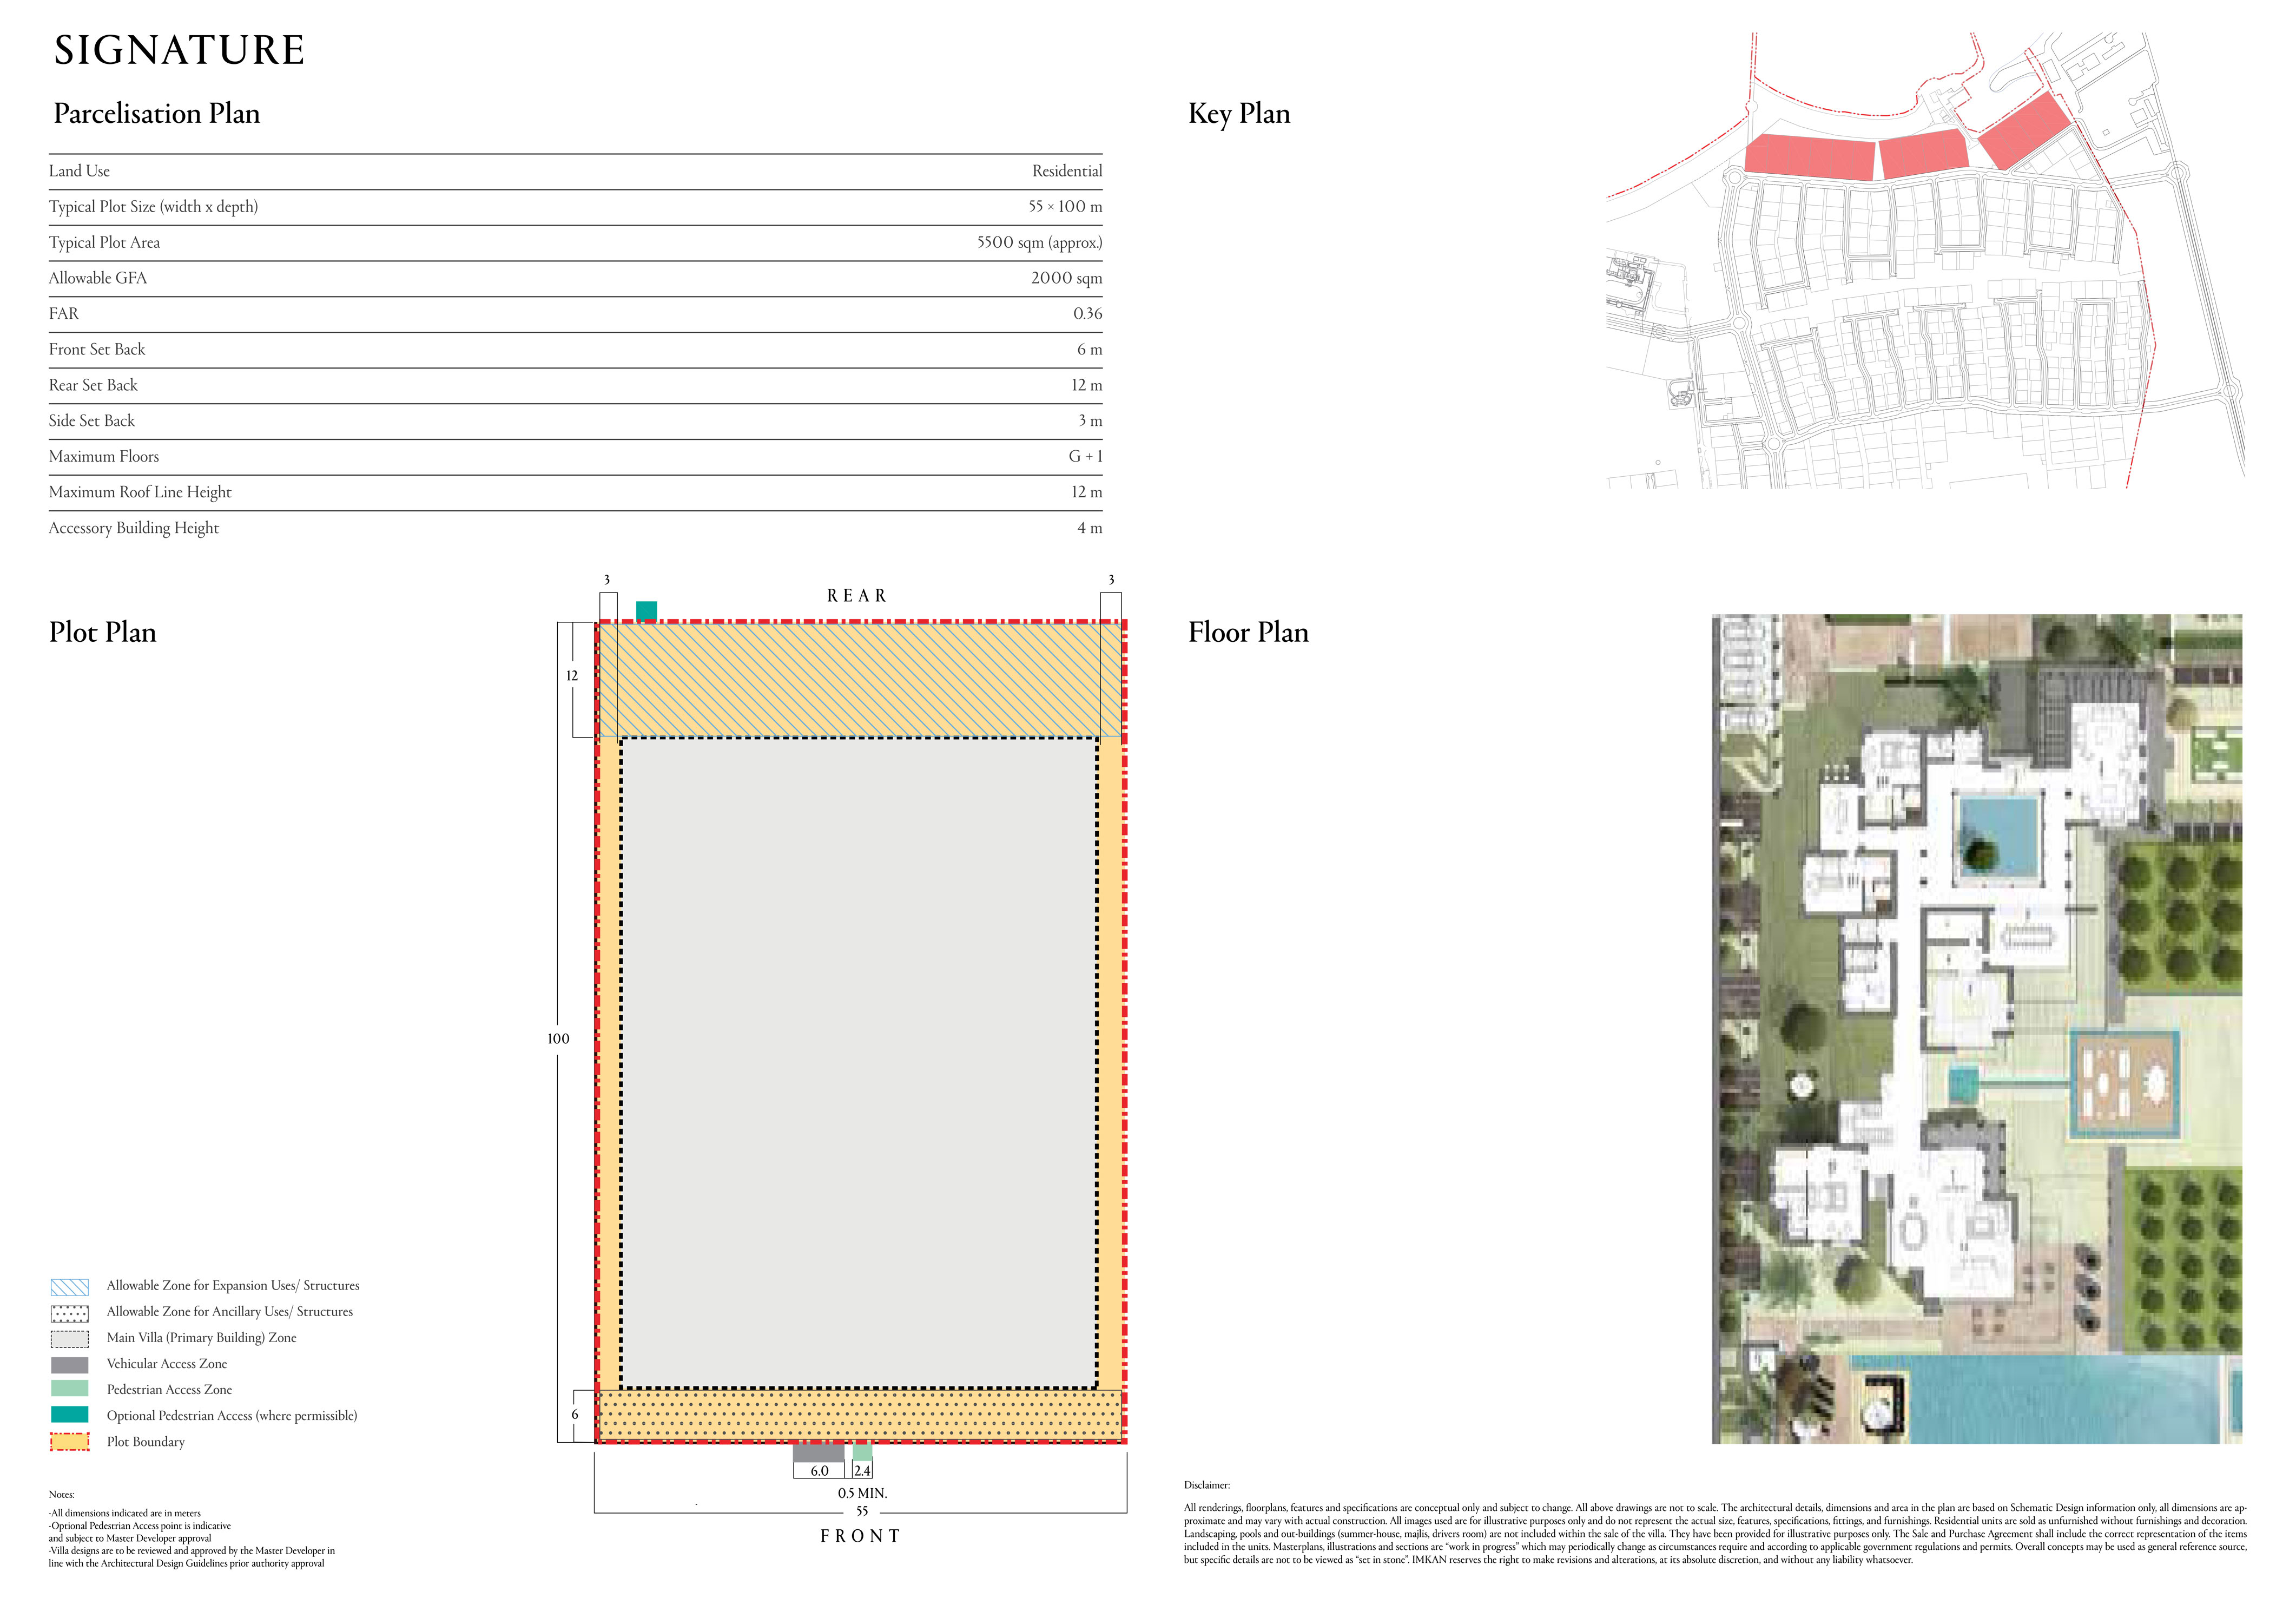 مساحة قطع أراضي نموذجية 5500 متر مربع (55 × 100 متر)